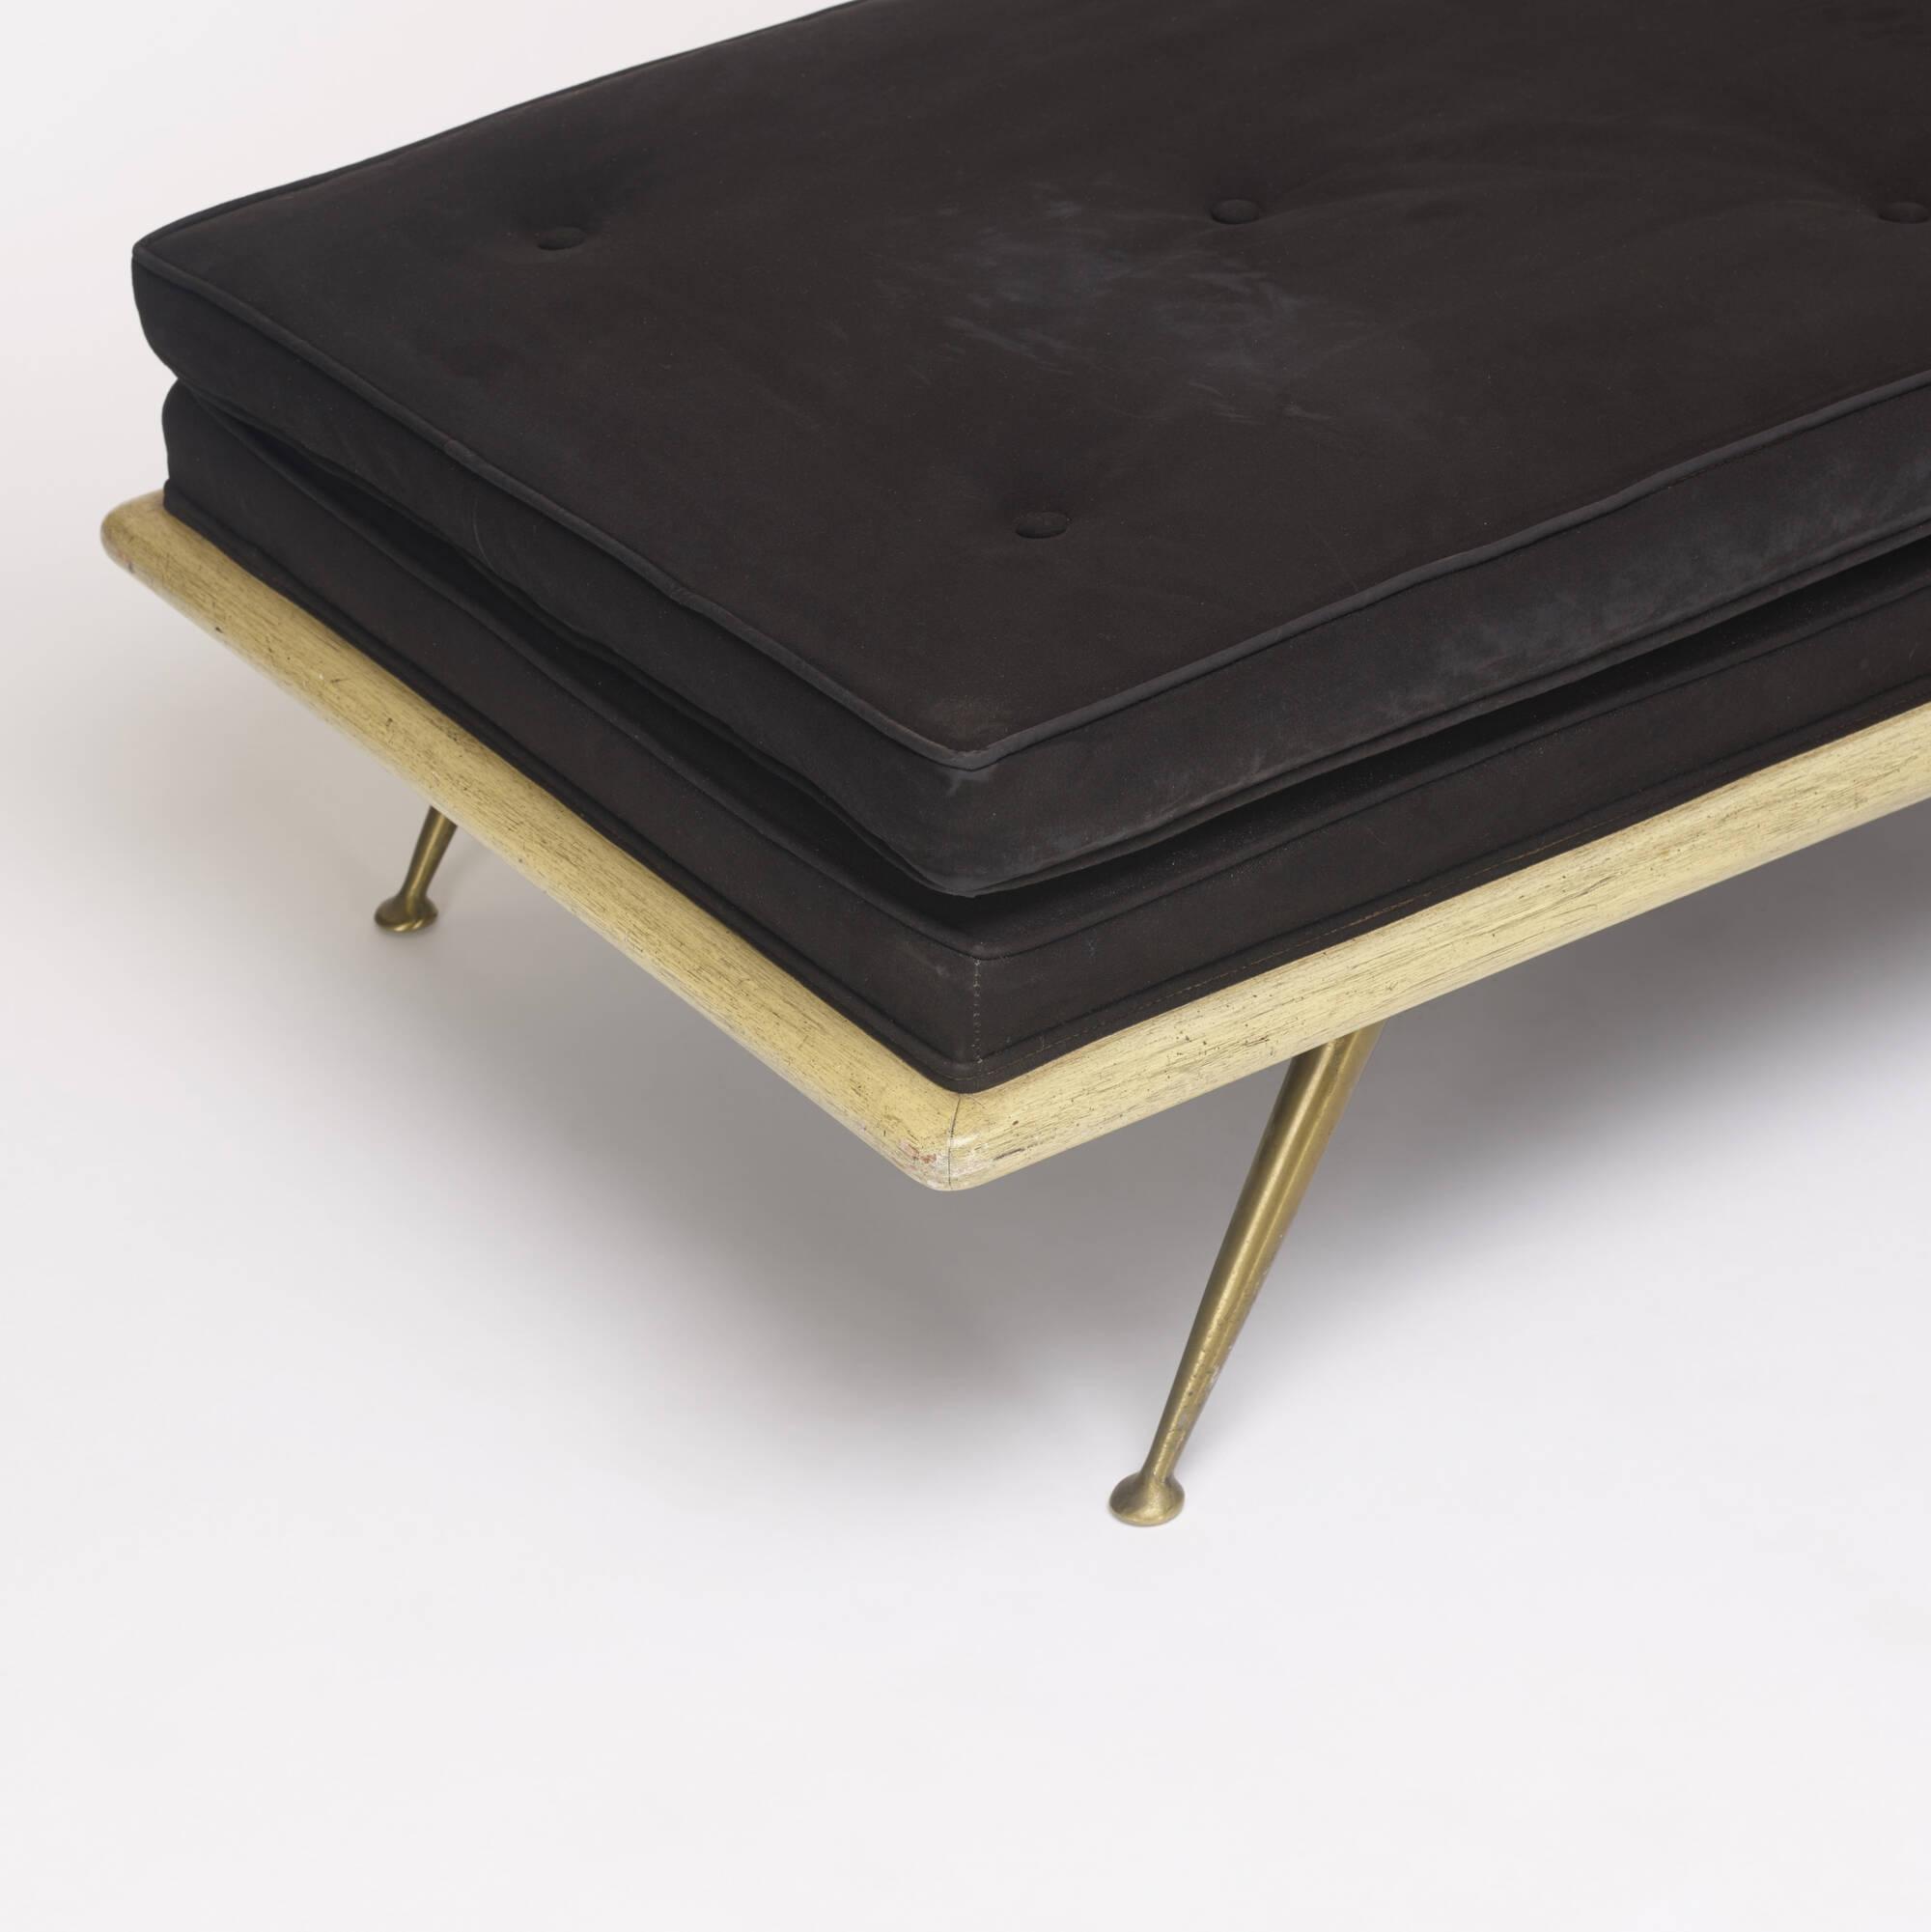 363: T.H. Robsjohn-Gibbings / chaise lounge (2 of 3)